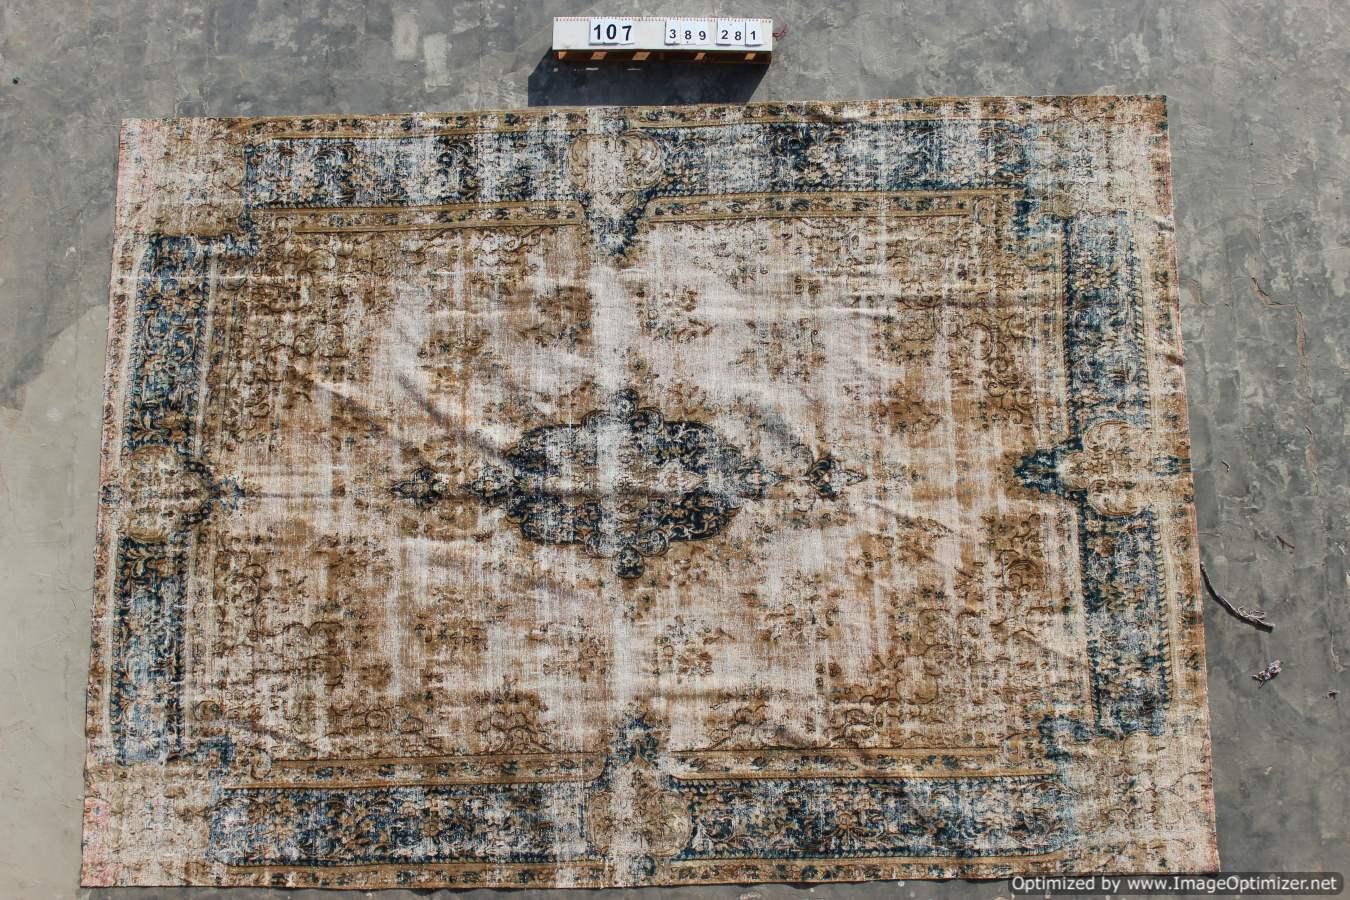 Zeer groot recoloured vloerkleed 107 (389cm x 281cm)